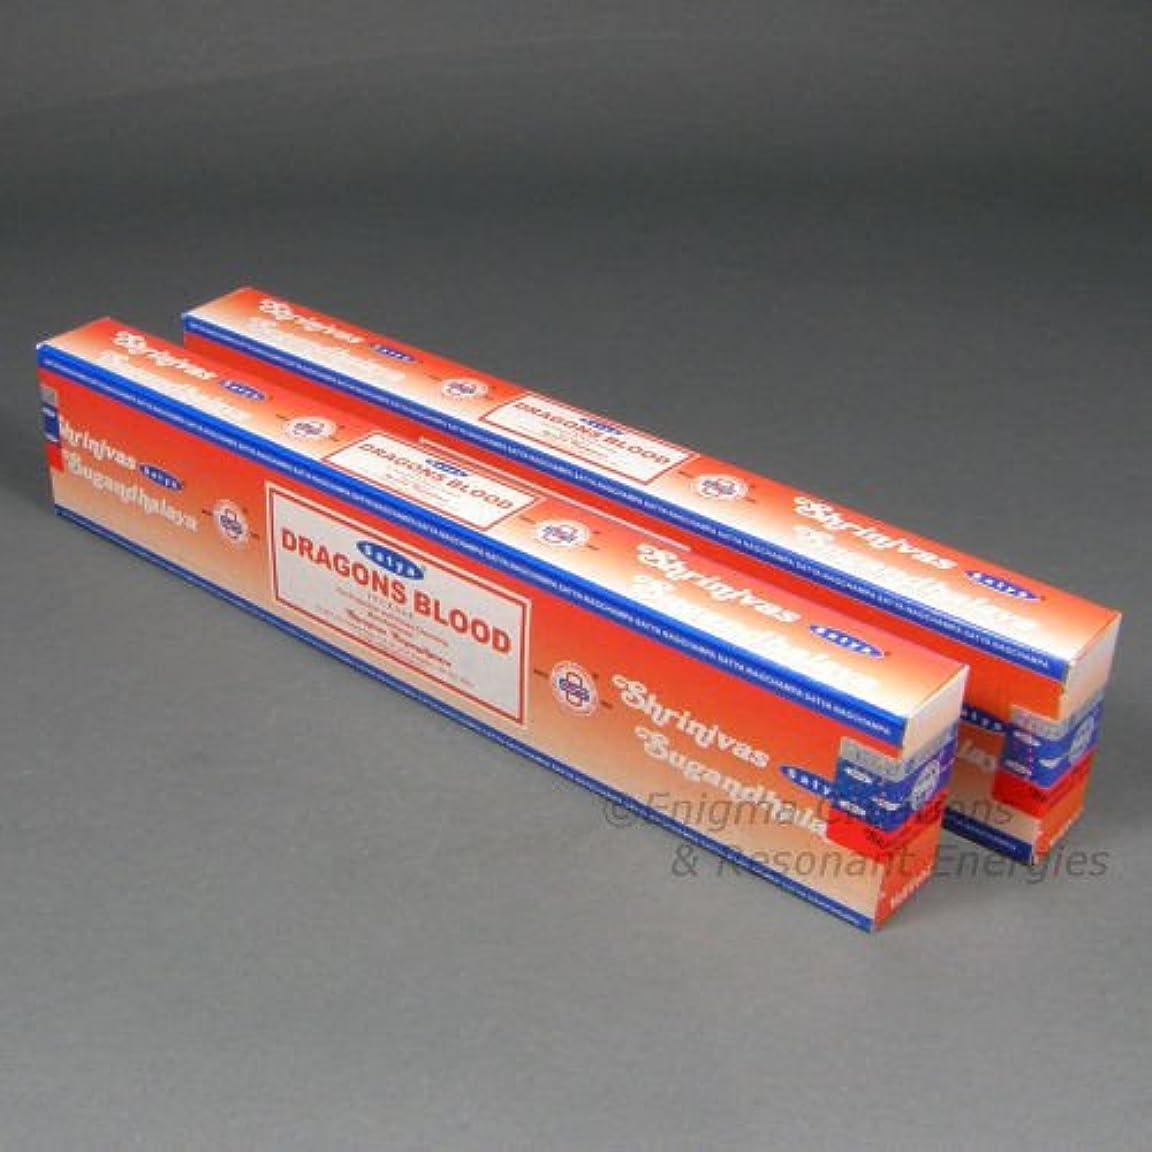 前件伝統的投資Satya Dragon 's Blood Incense Sticks, 2 x 15グラムボックス、合計30グラム – (in239 )